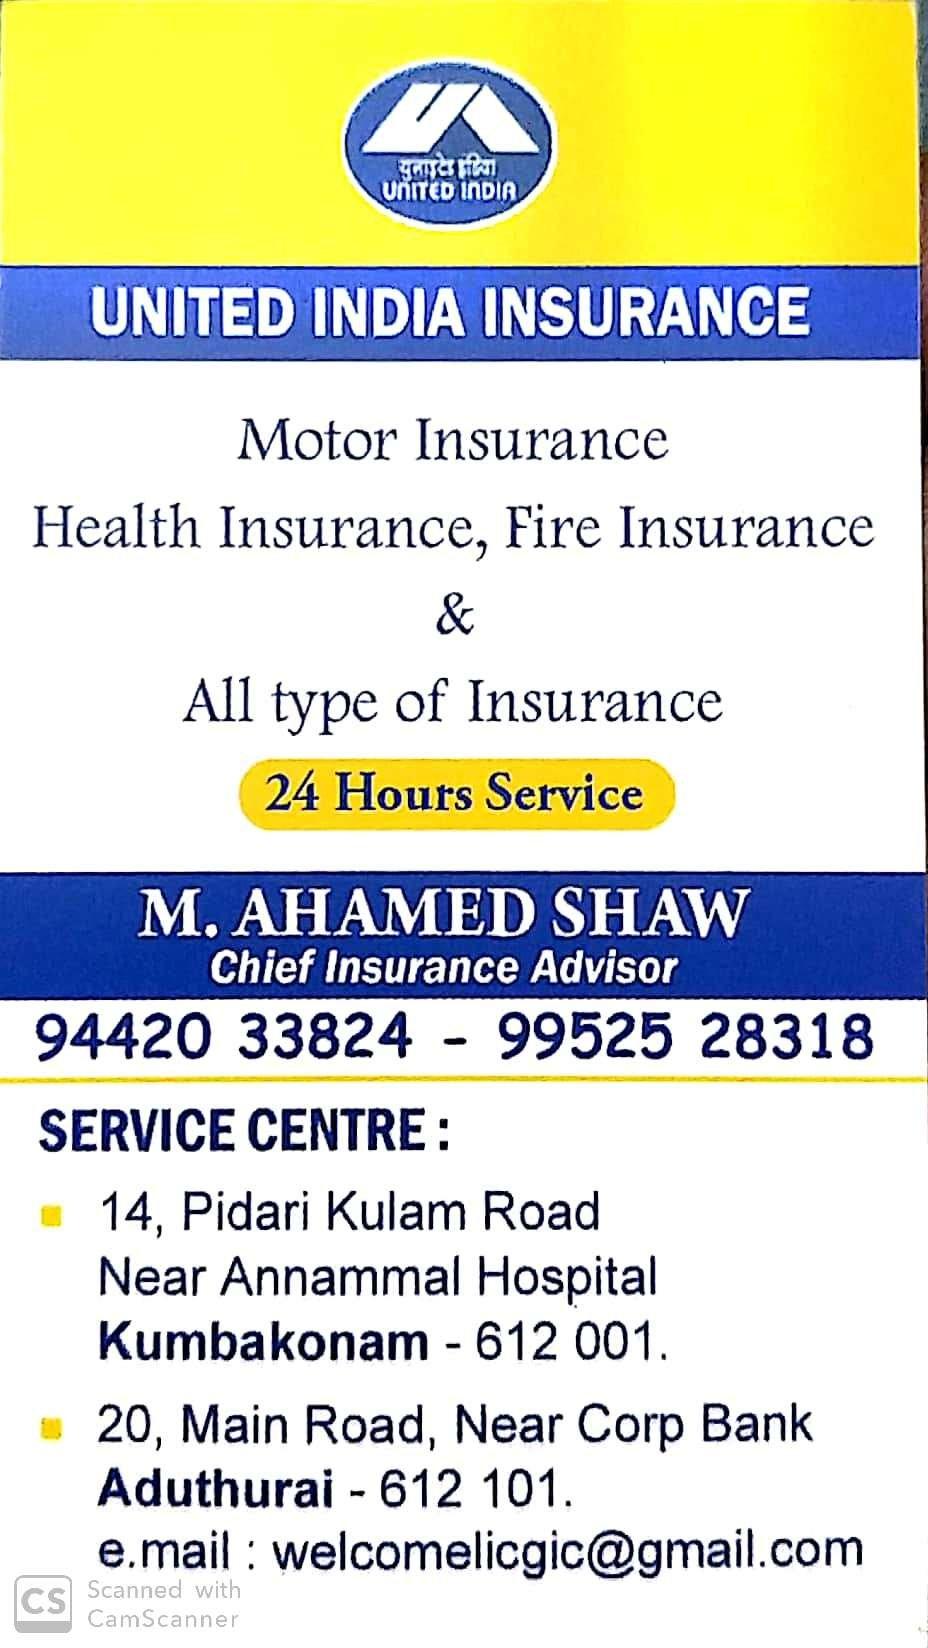 Ukno - You Know | United India Insurance Service Centre | Kumbakonam |  Offices